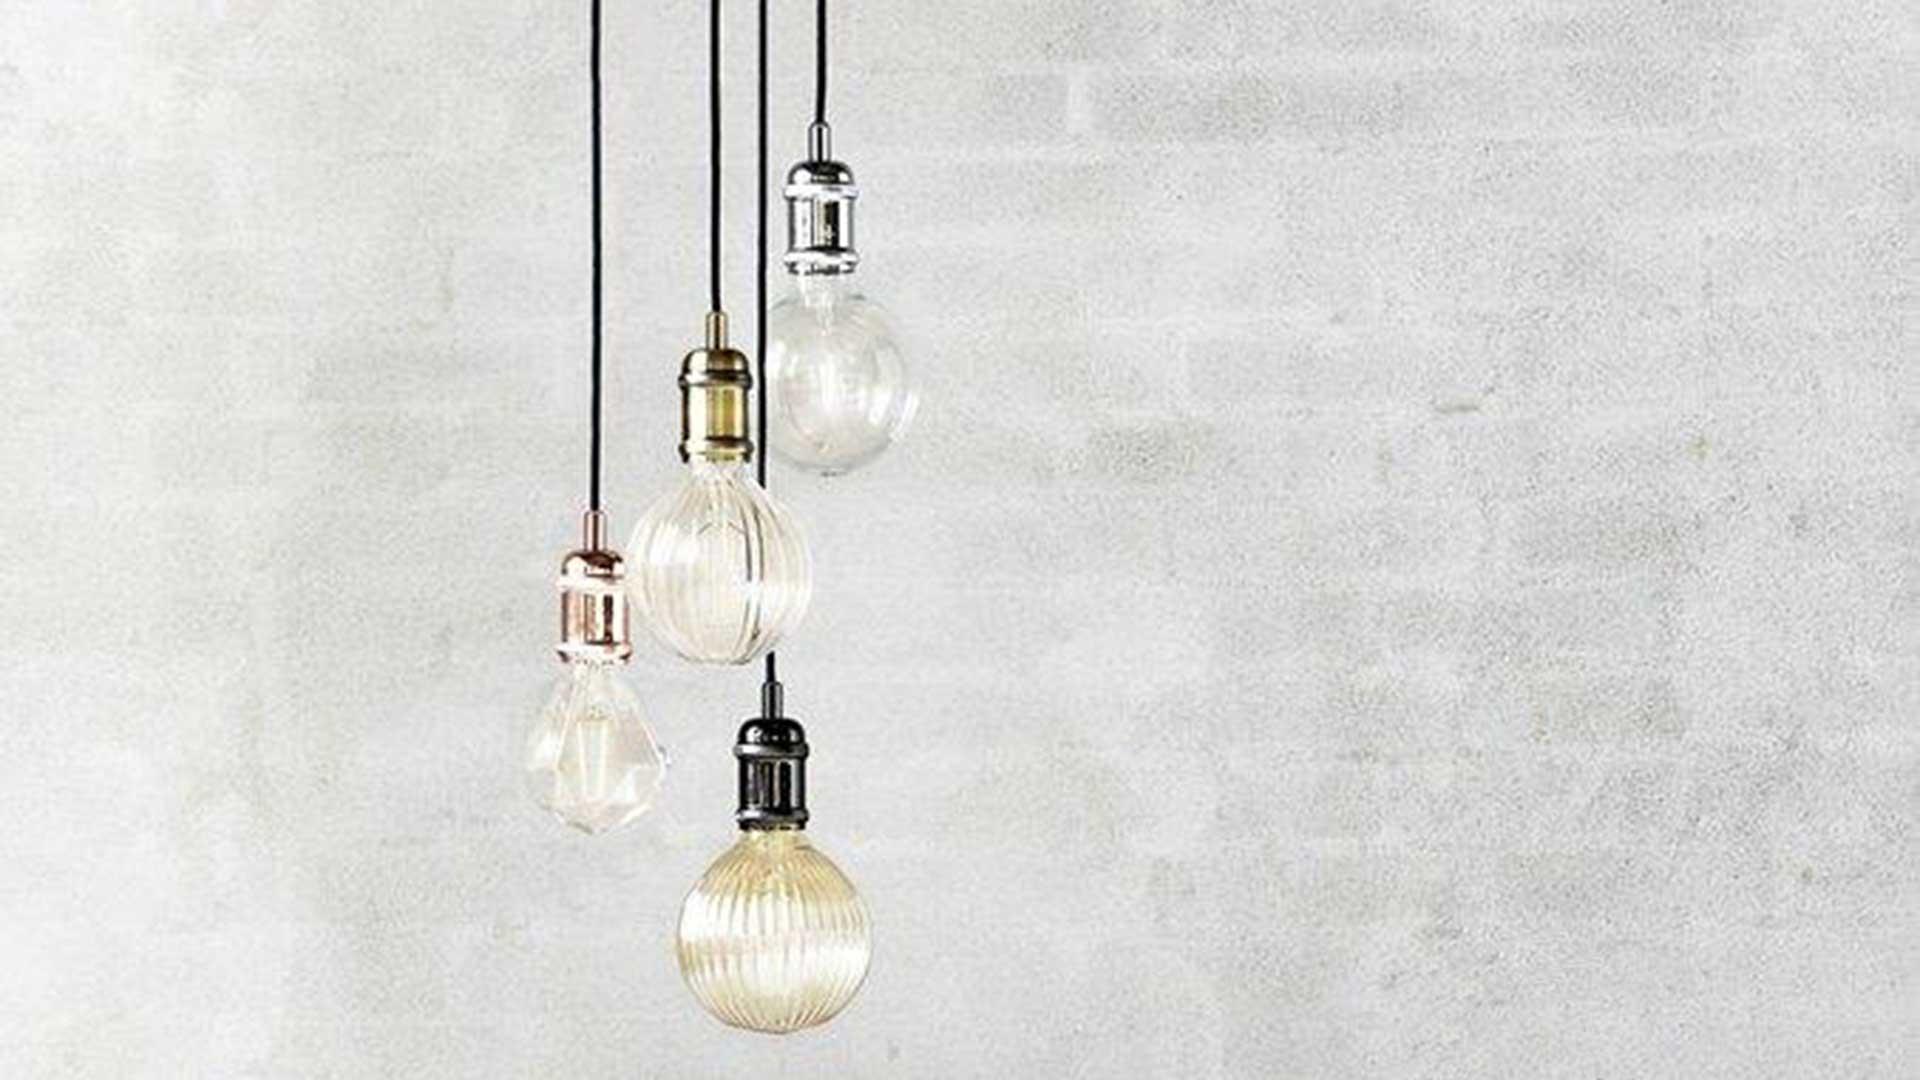 Ampoules et douilles